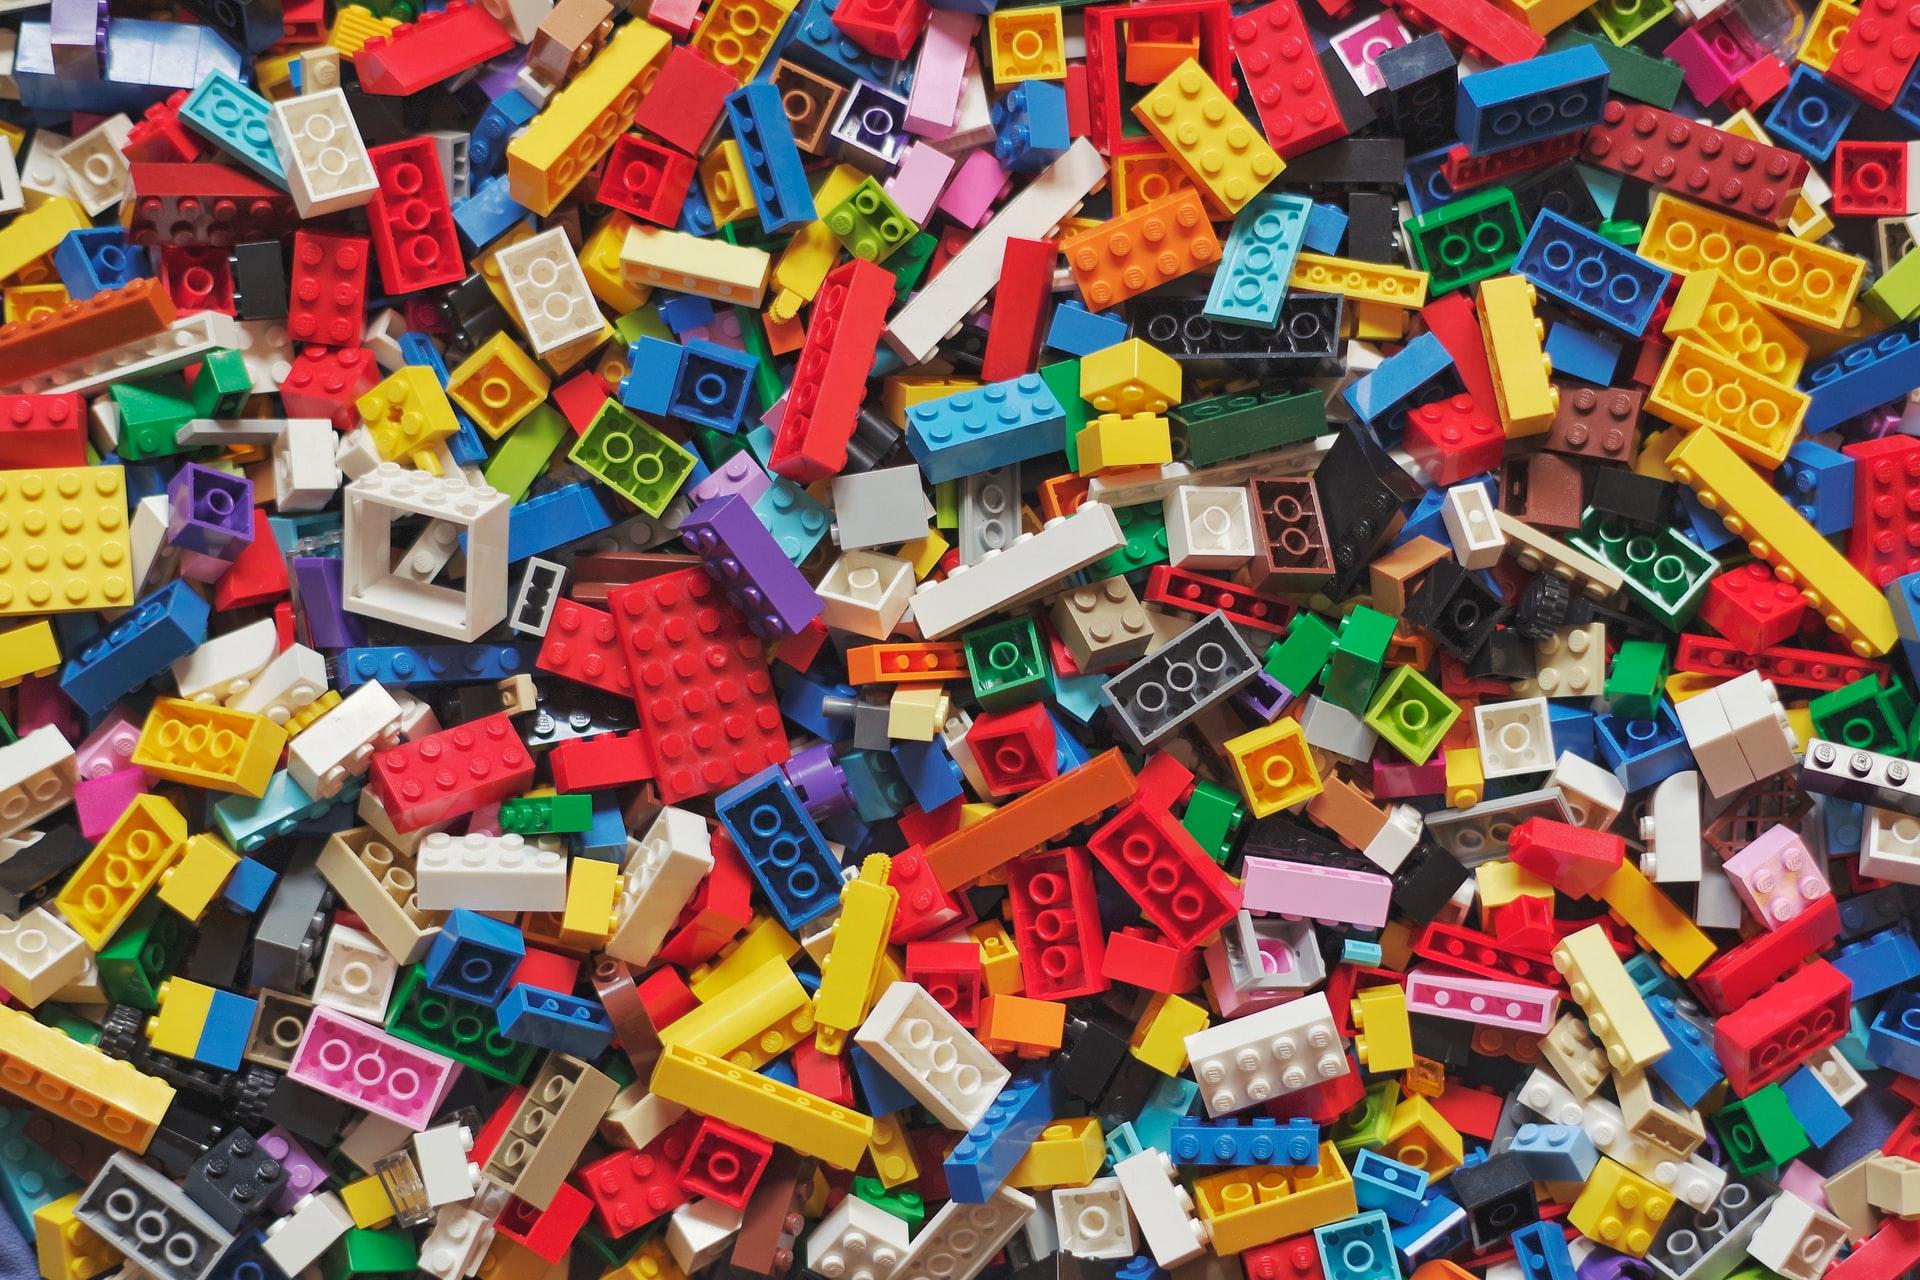 An image of jumbled legos